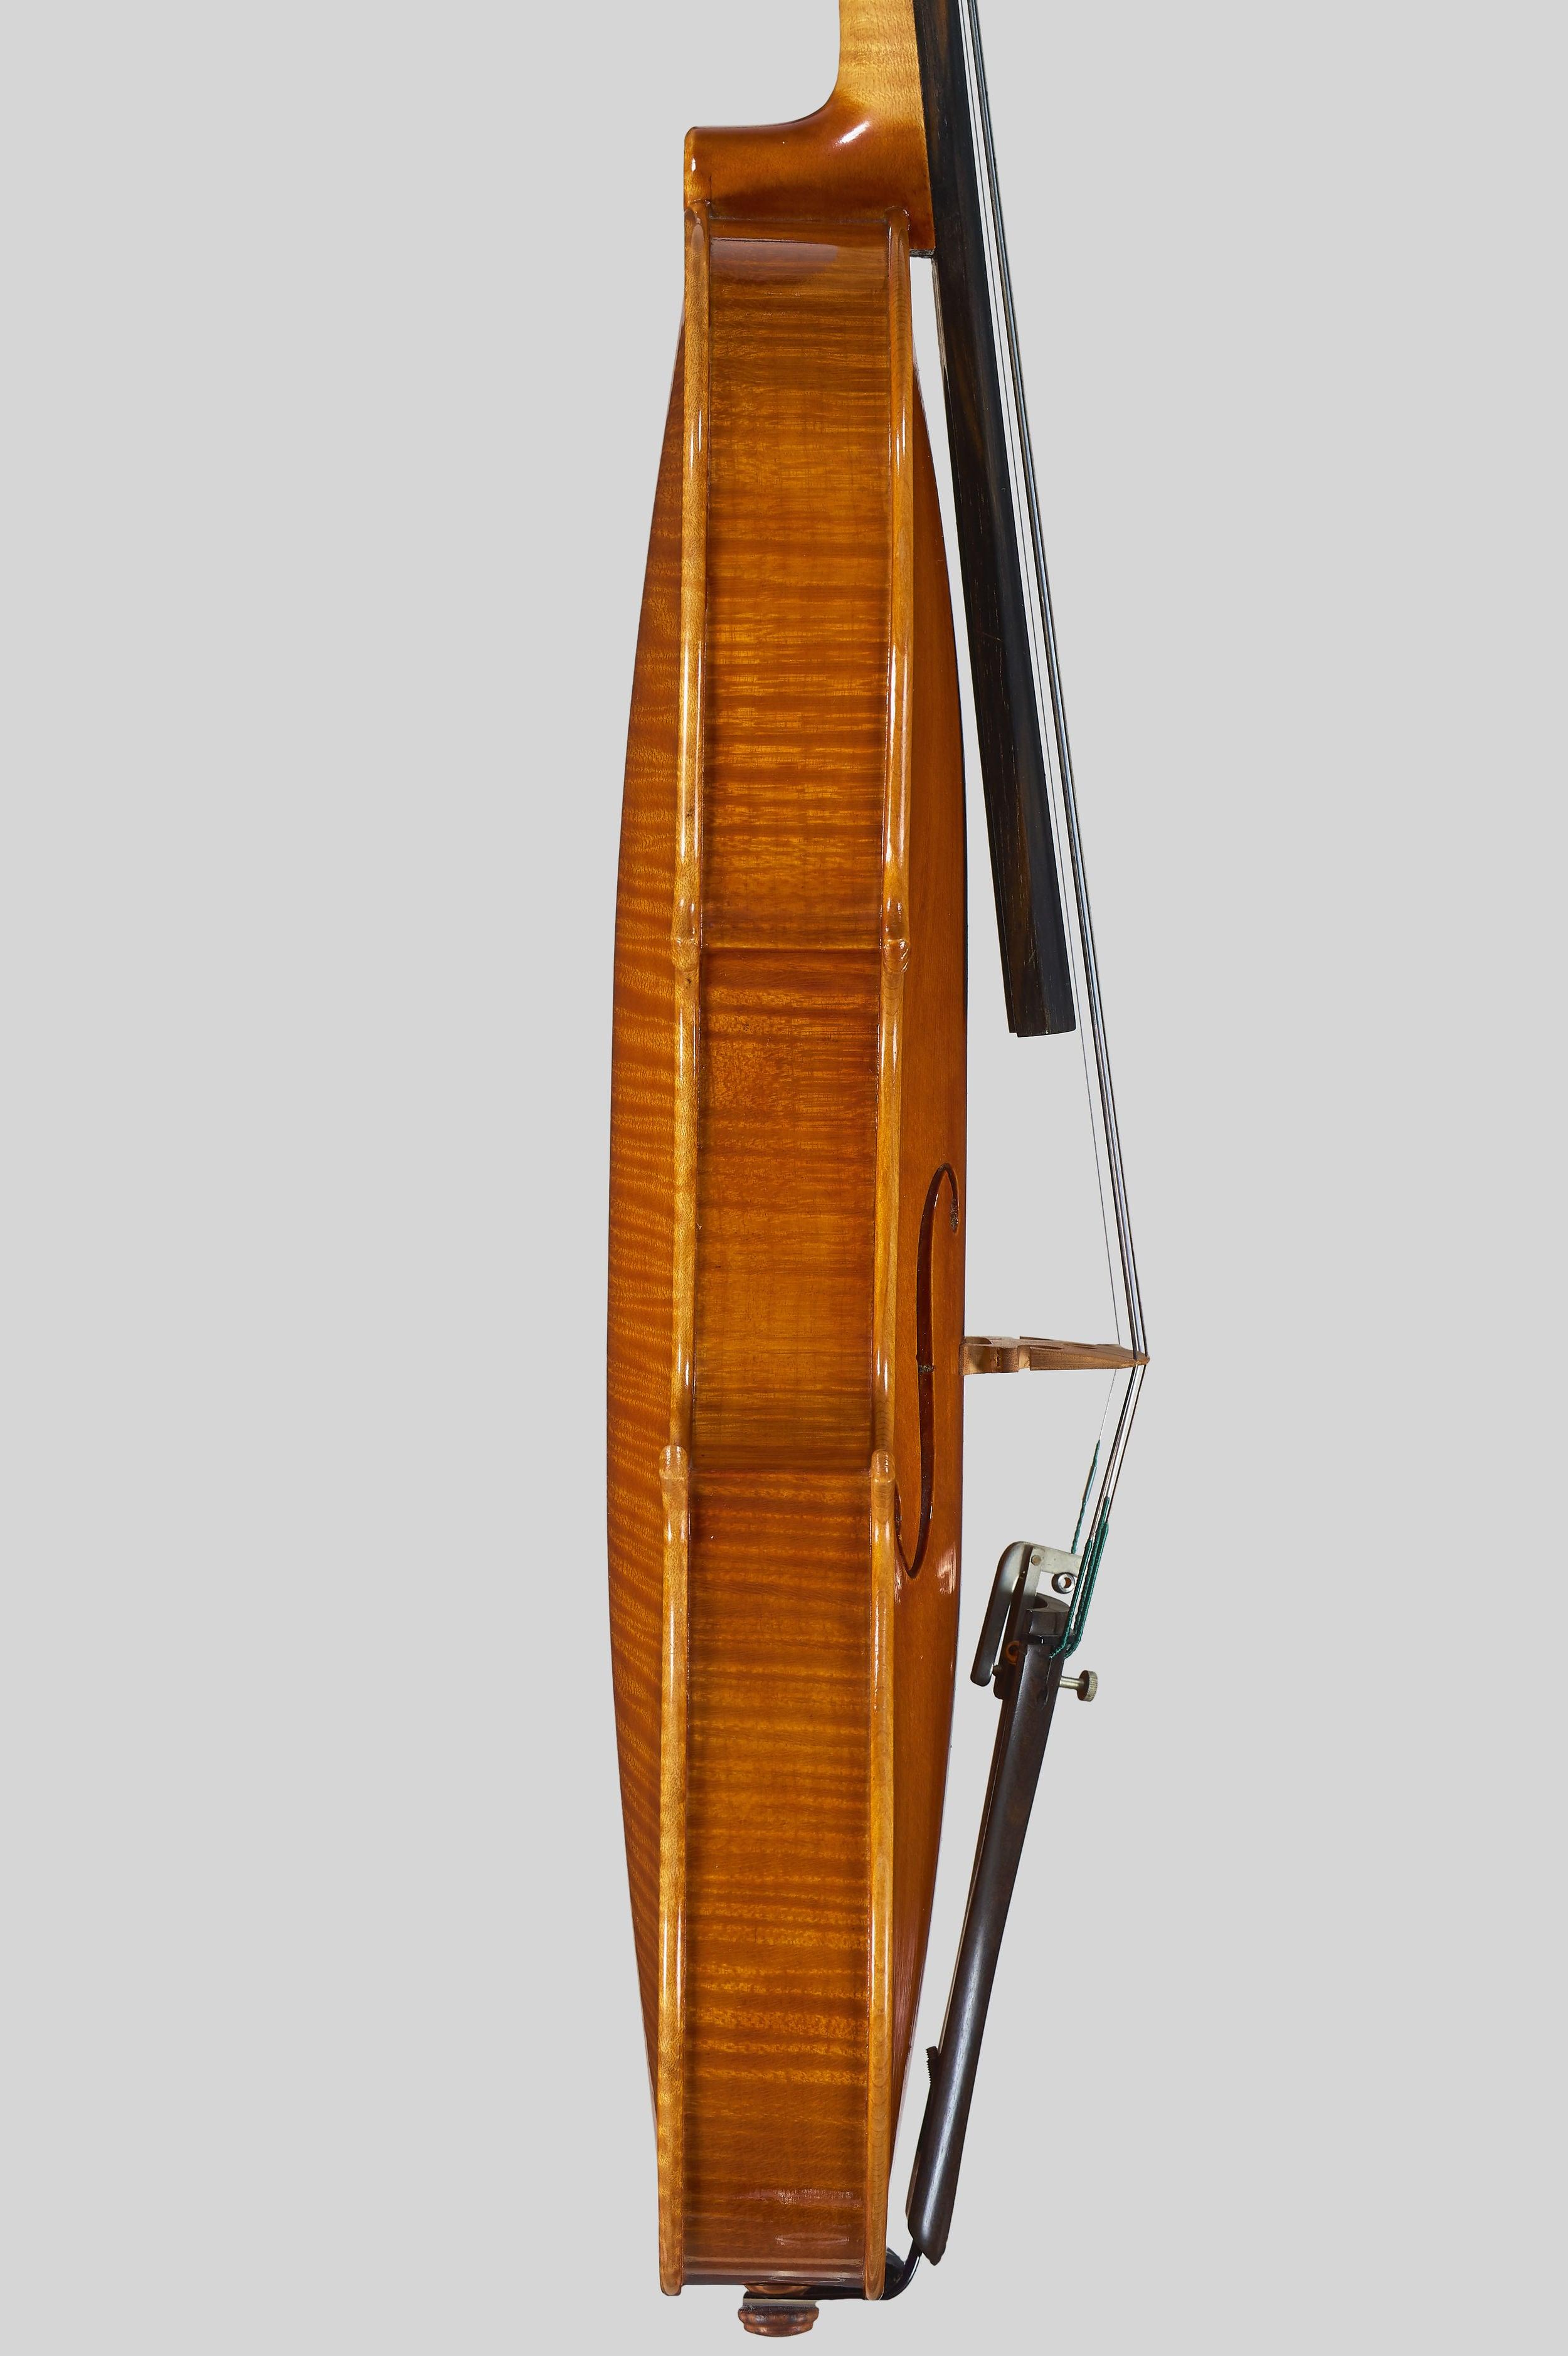 """Anno 1978 - allievo C. Belli - Violino dal mod. stile """"A. Stradivari """", etichetta: """"I.P.I.A.L.L."""" - Profilo"""